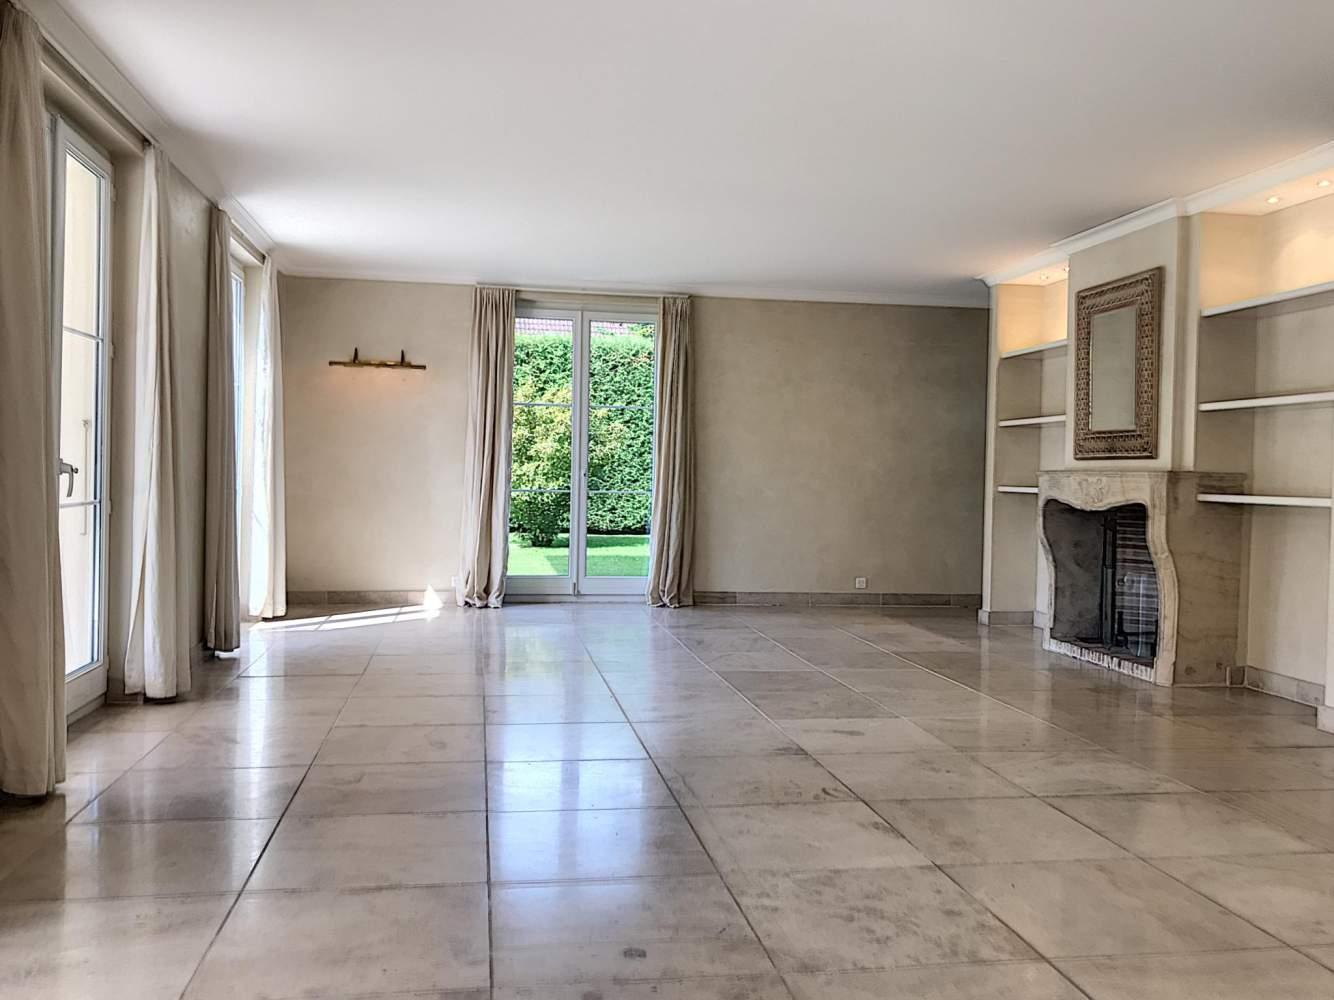 Commugny  - Maison 6.5 Pièces 4 Chambres - picture 6